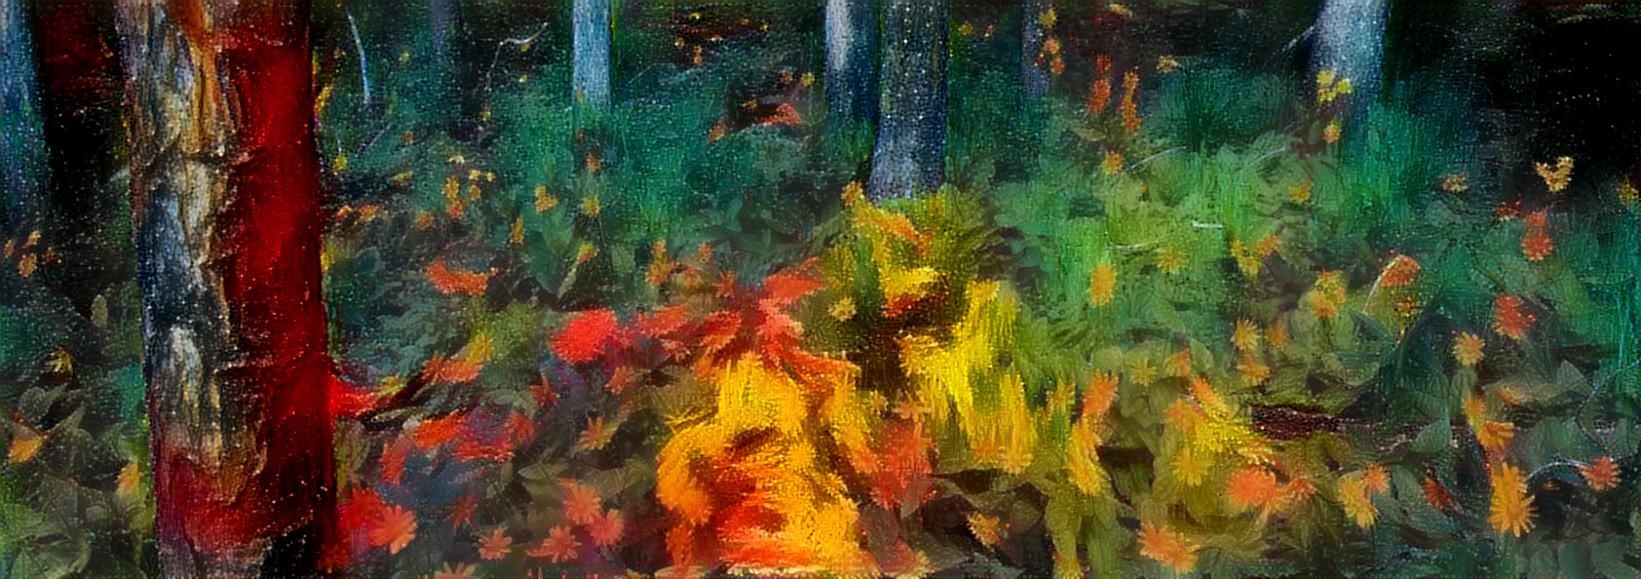 1999.10. 숲과 꽃.jpg